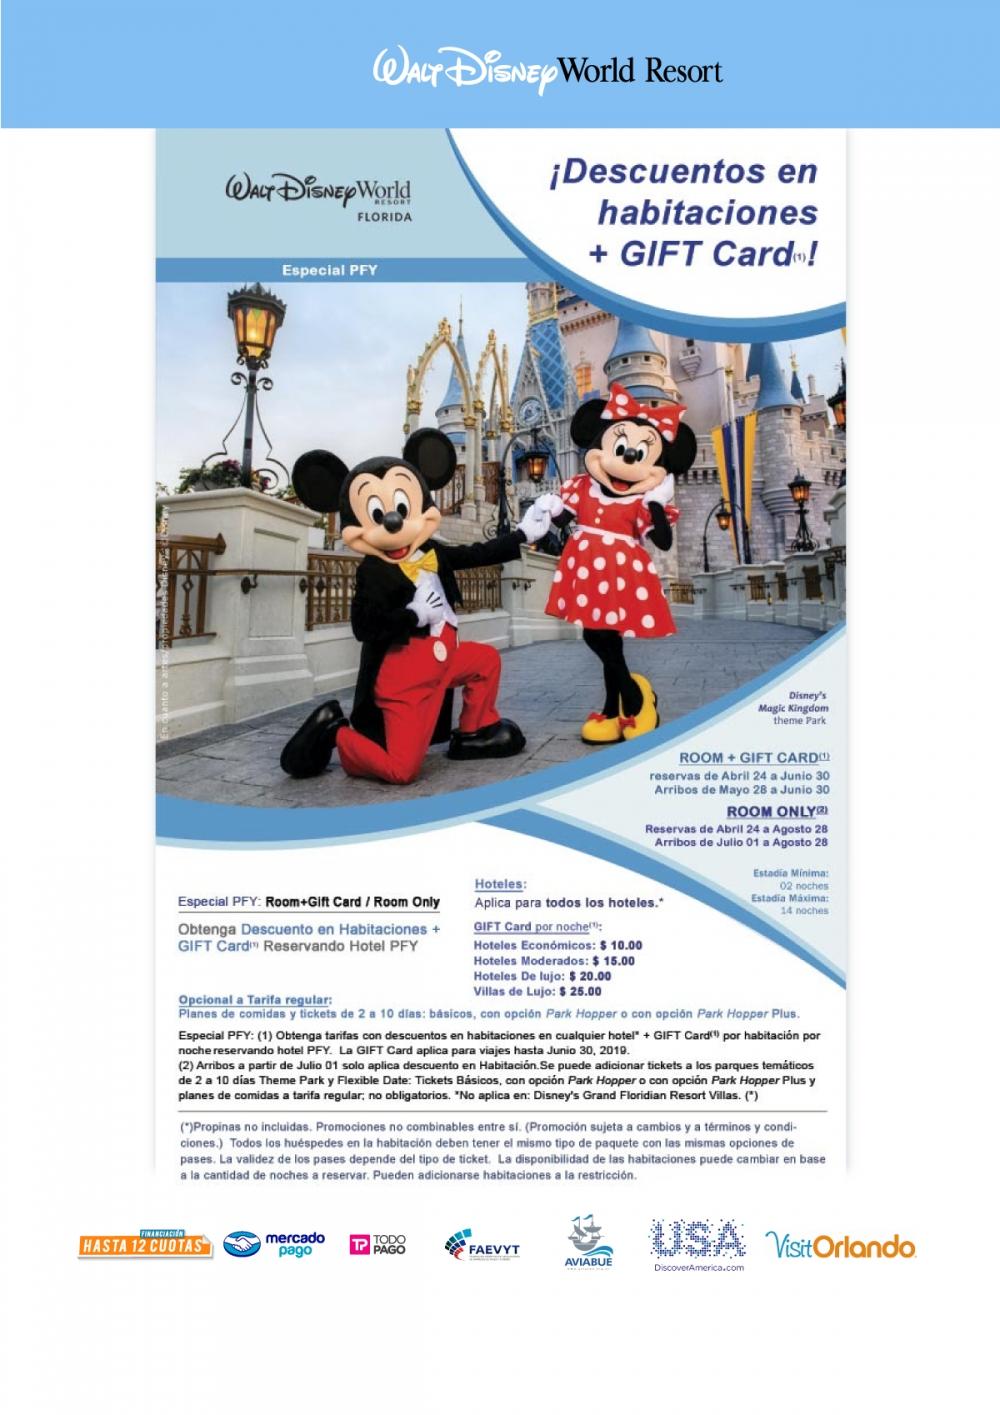 Walt Disney World - Descuento en Habitaciones